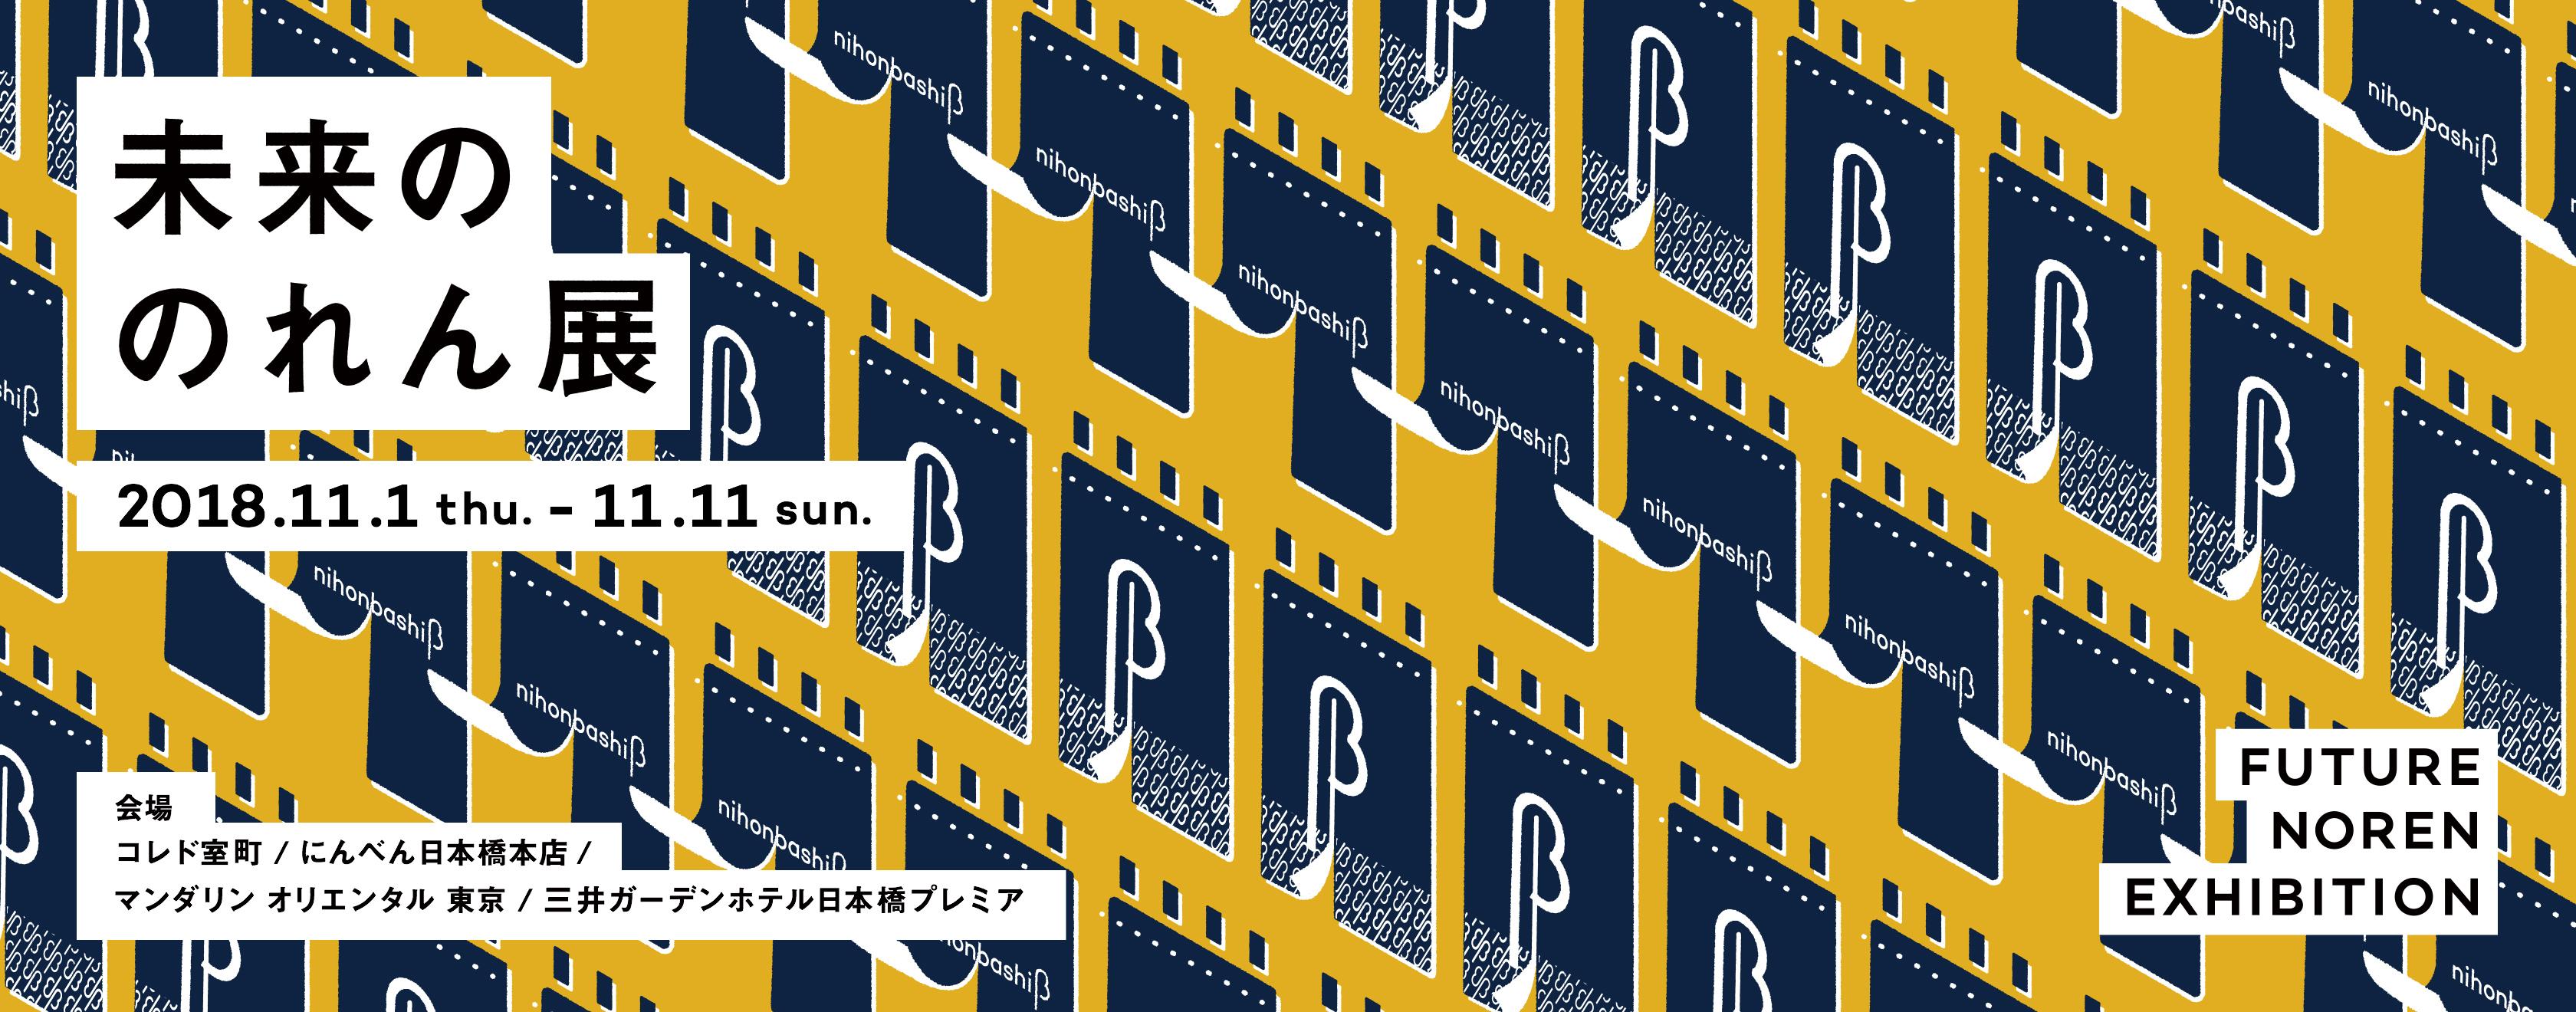 11月1日から11月11日(1並び!)まで開催される『未来ののれん展』